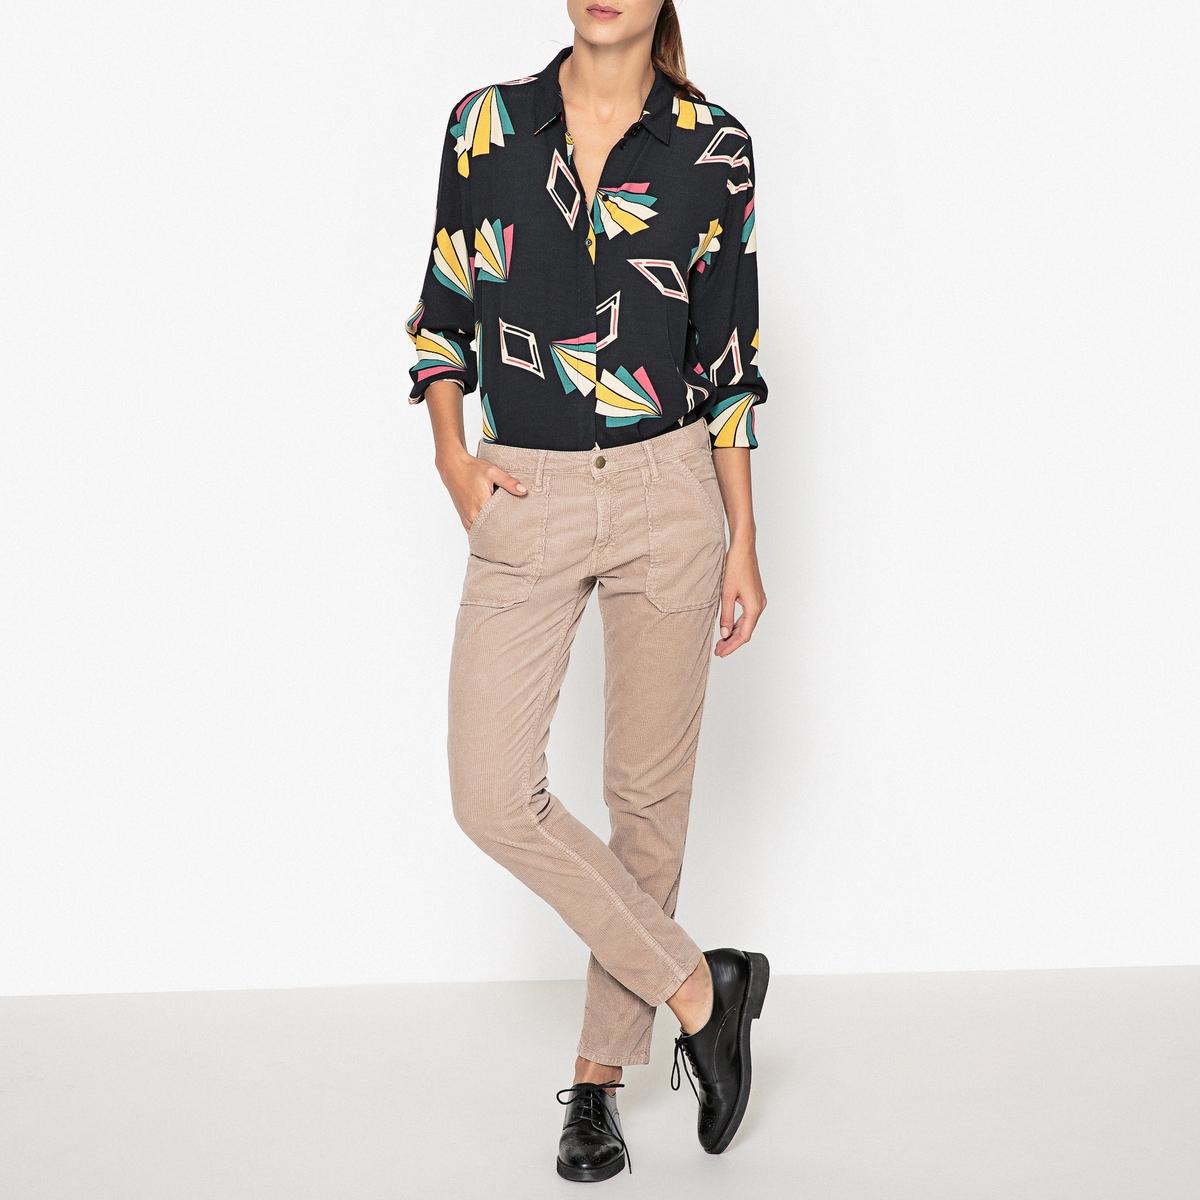 Рубашка с рисунком VOOLРубашка с длинными рукавами BA&amp;SH - модель VOOL из вискозы с геометрическим узором и присборенными манжетами.Детали  •  Длинные рукава •  Прямой покрой •  Воротник-поло, рубашечный •  Рисунок-принтСостав и уход  •  100% вискоза •  Следуйте советам по уходу, указанным на этикетке<br><br>Цвет: черный